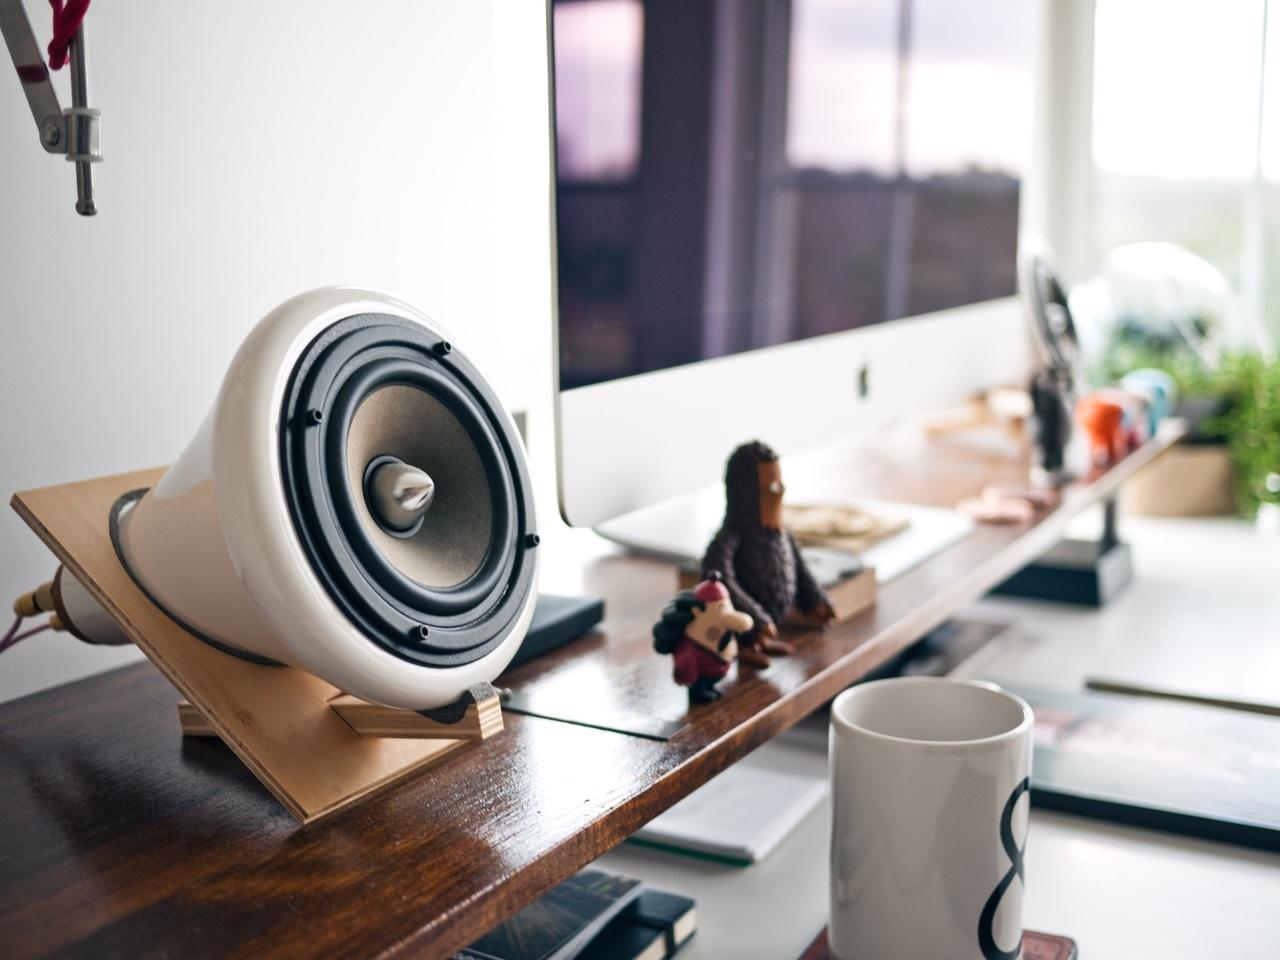 Чтение на выходные: материалы о настройке аудиотехники и проектировании акустических систем - 2